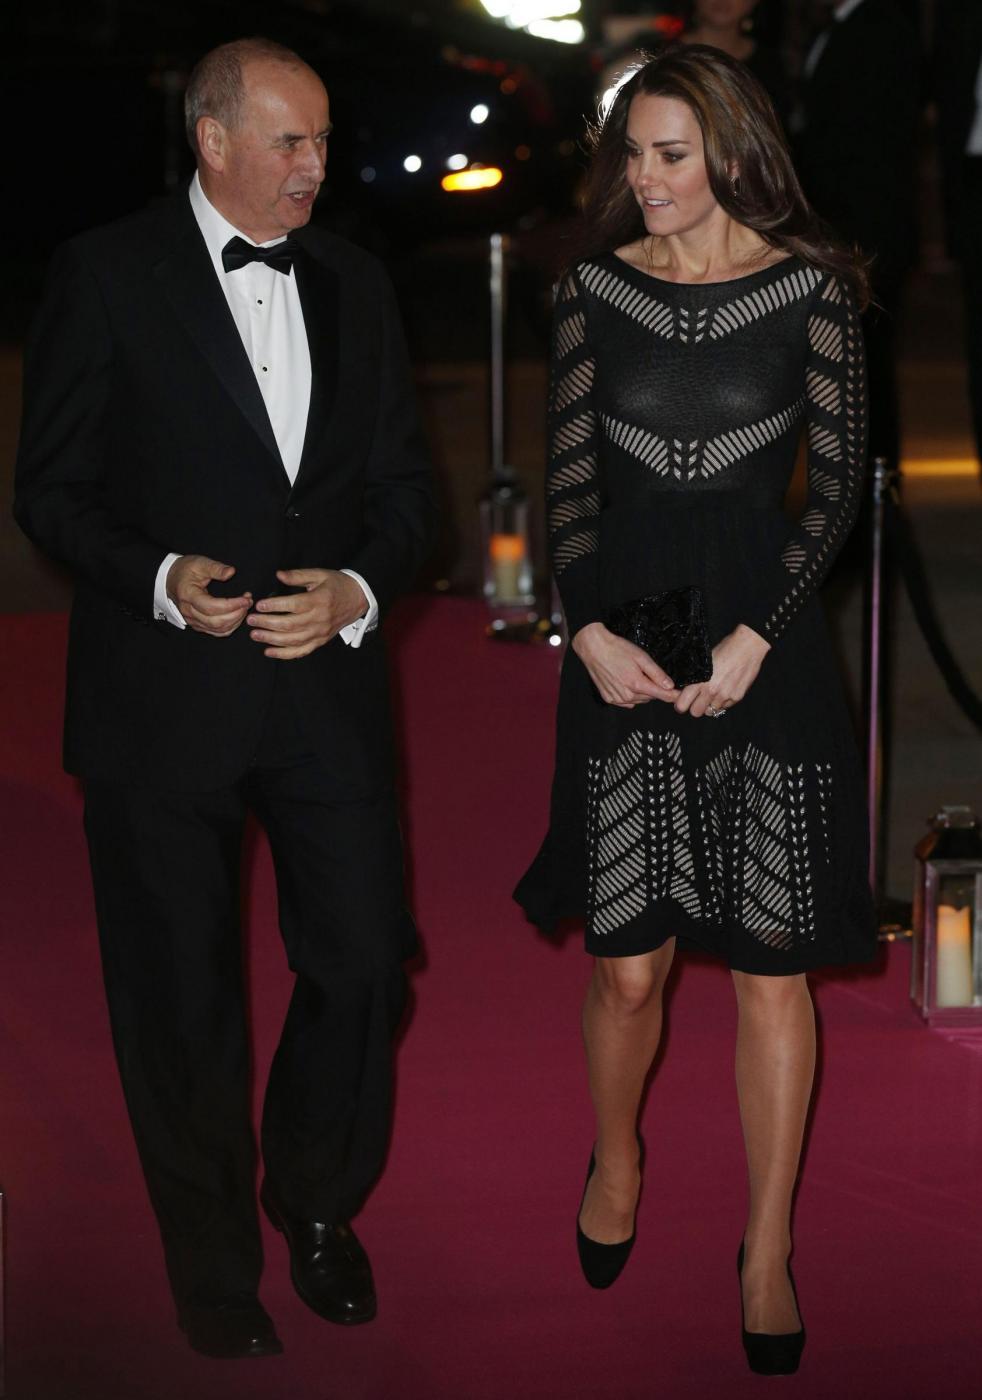 Kate Middleton incita di 3 mesi, non si risparmia02